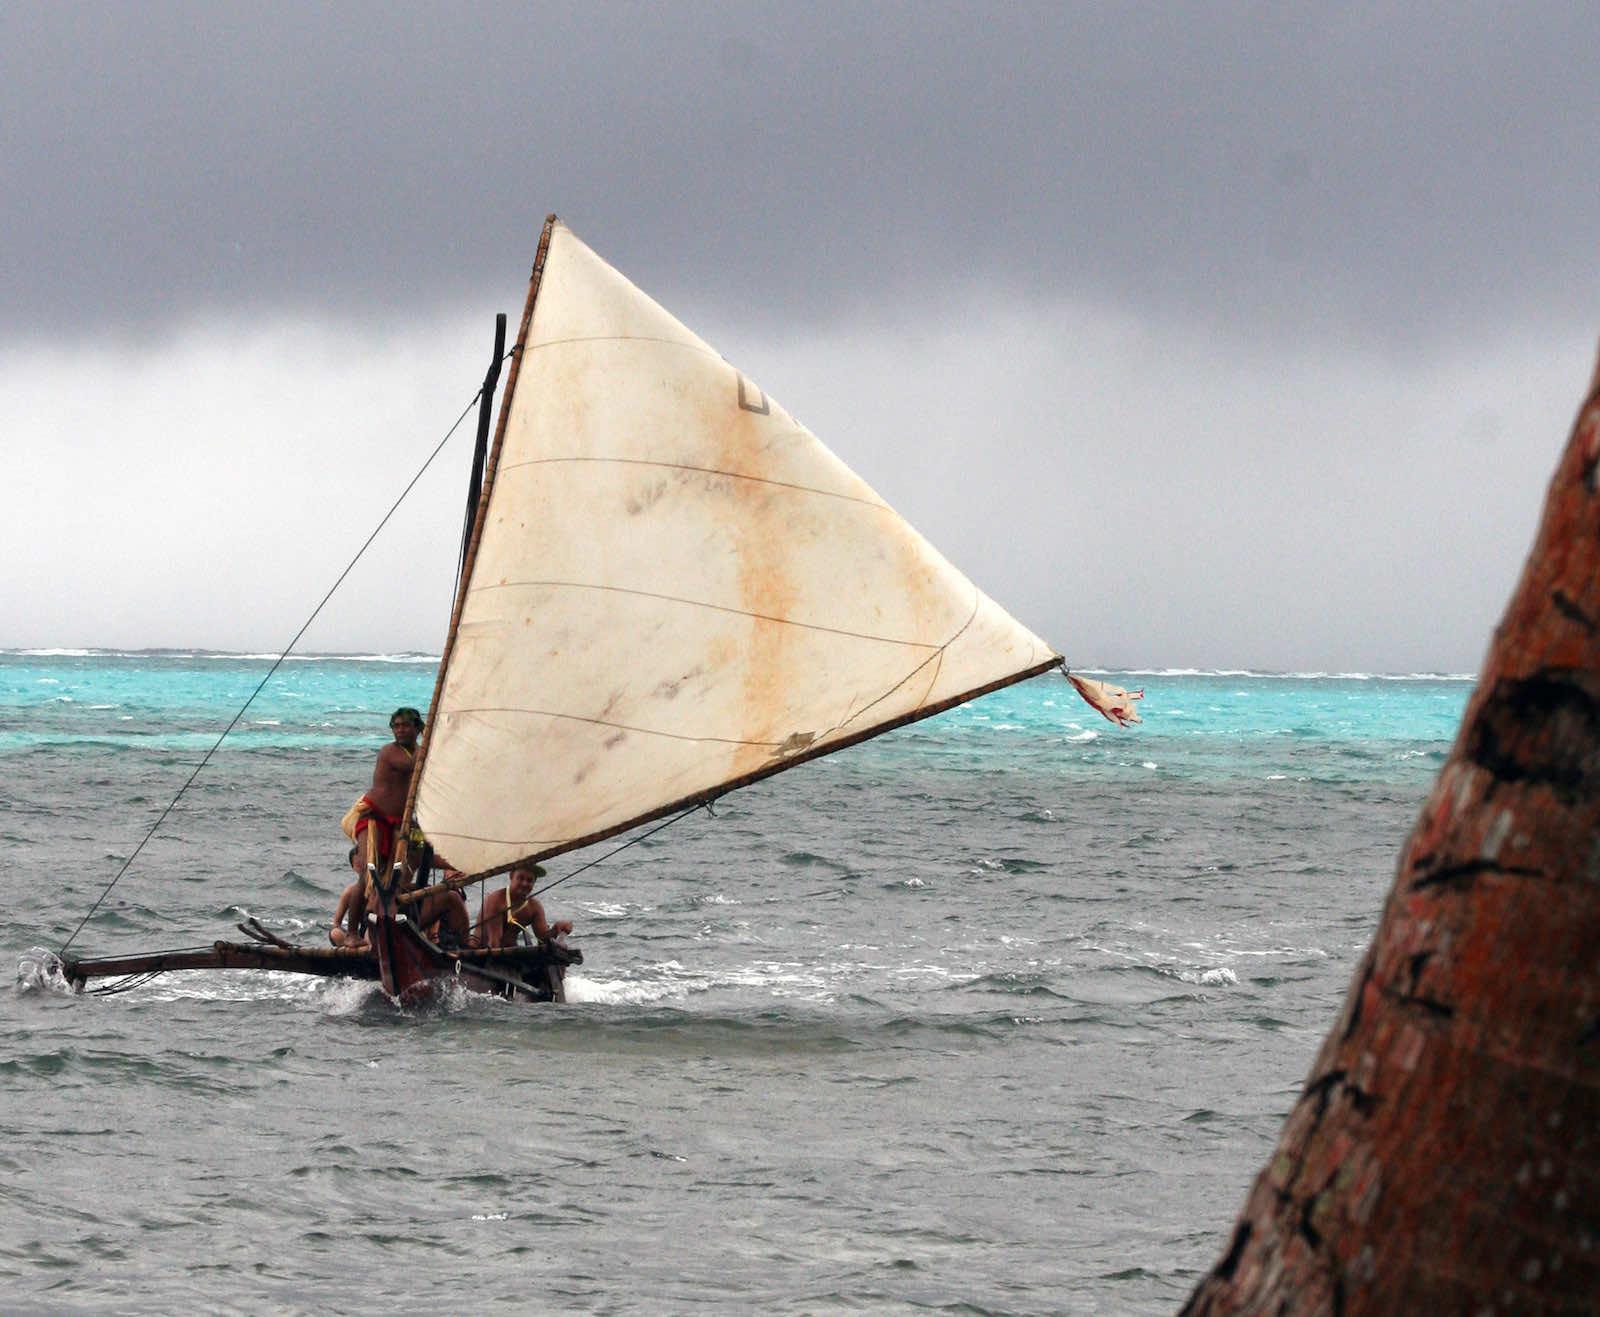 Ocean return, Yap, Micronesia (Joyce McClure/Flickr)